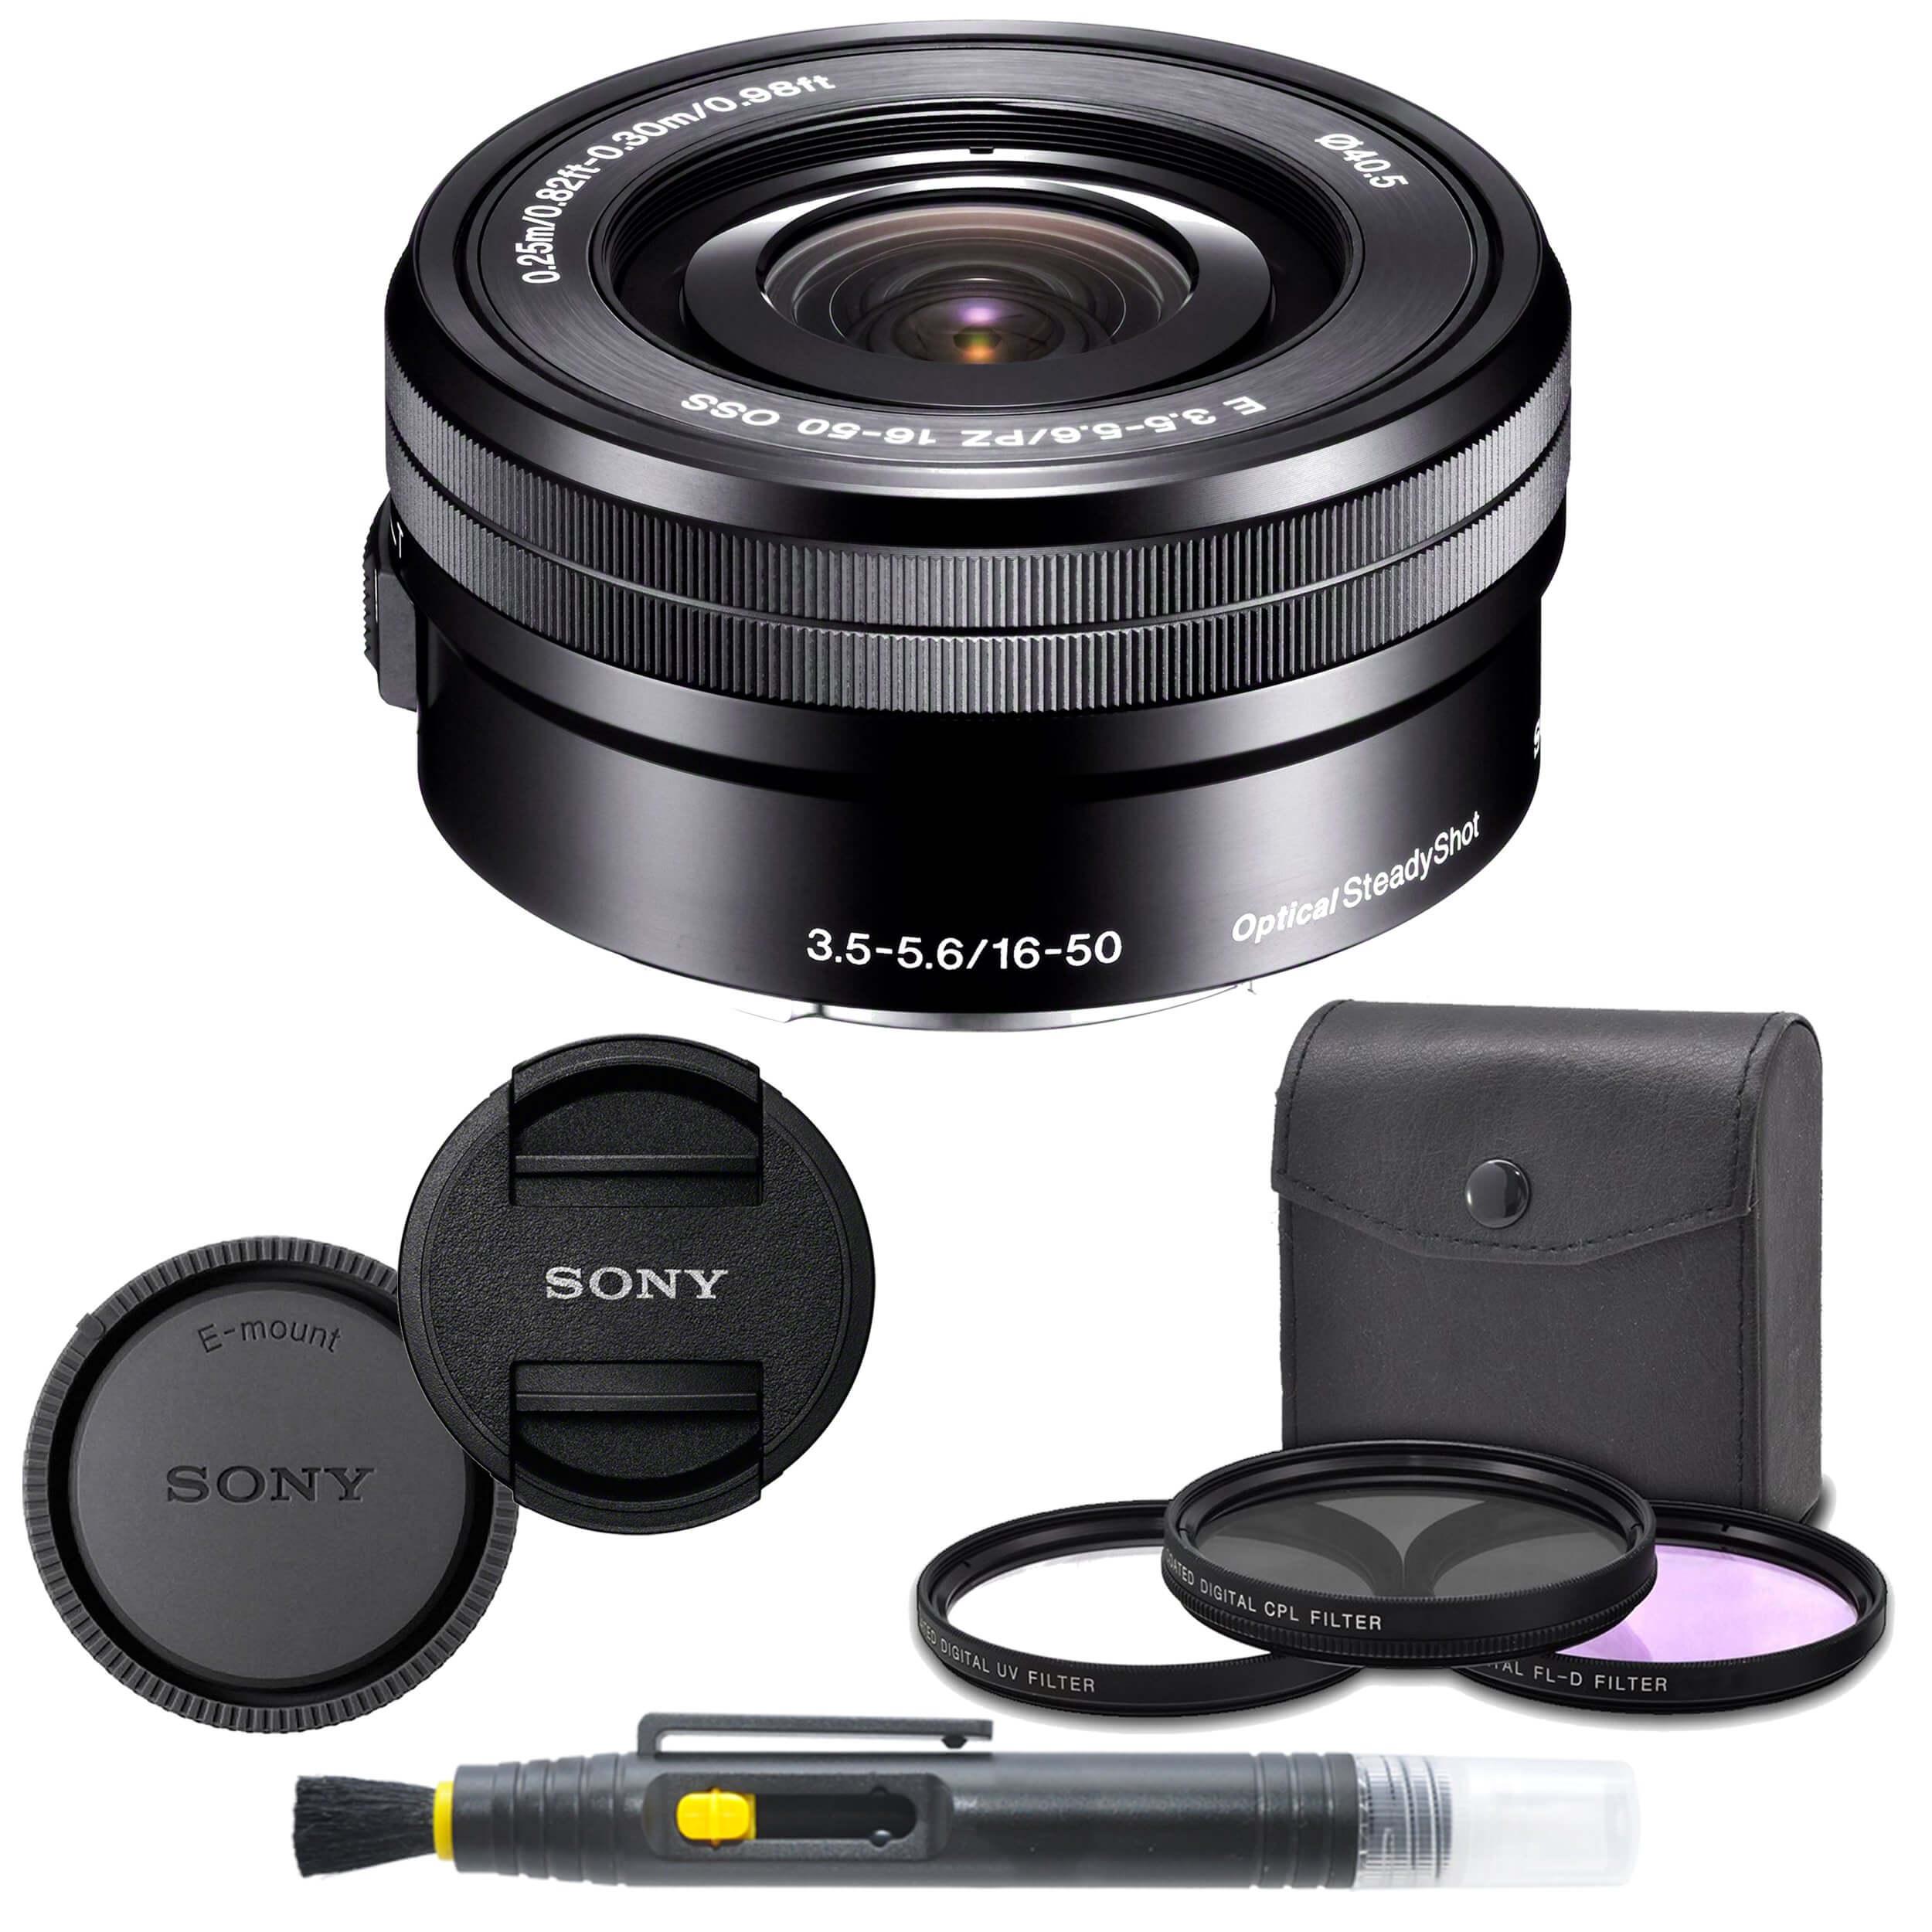 Sony SELP1650 16-15mm Lens